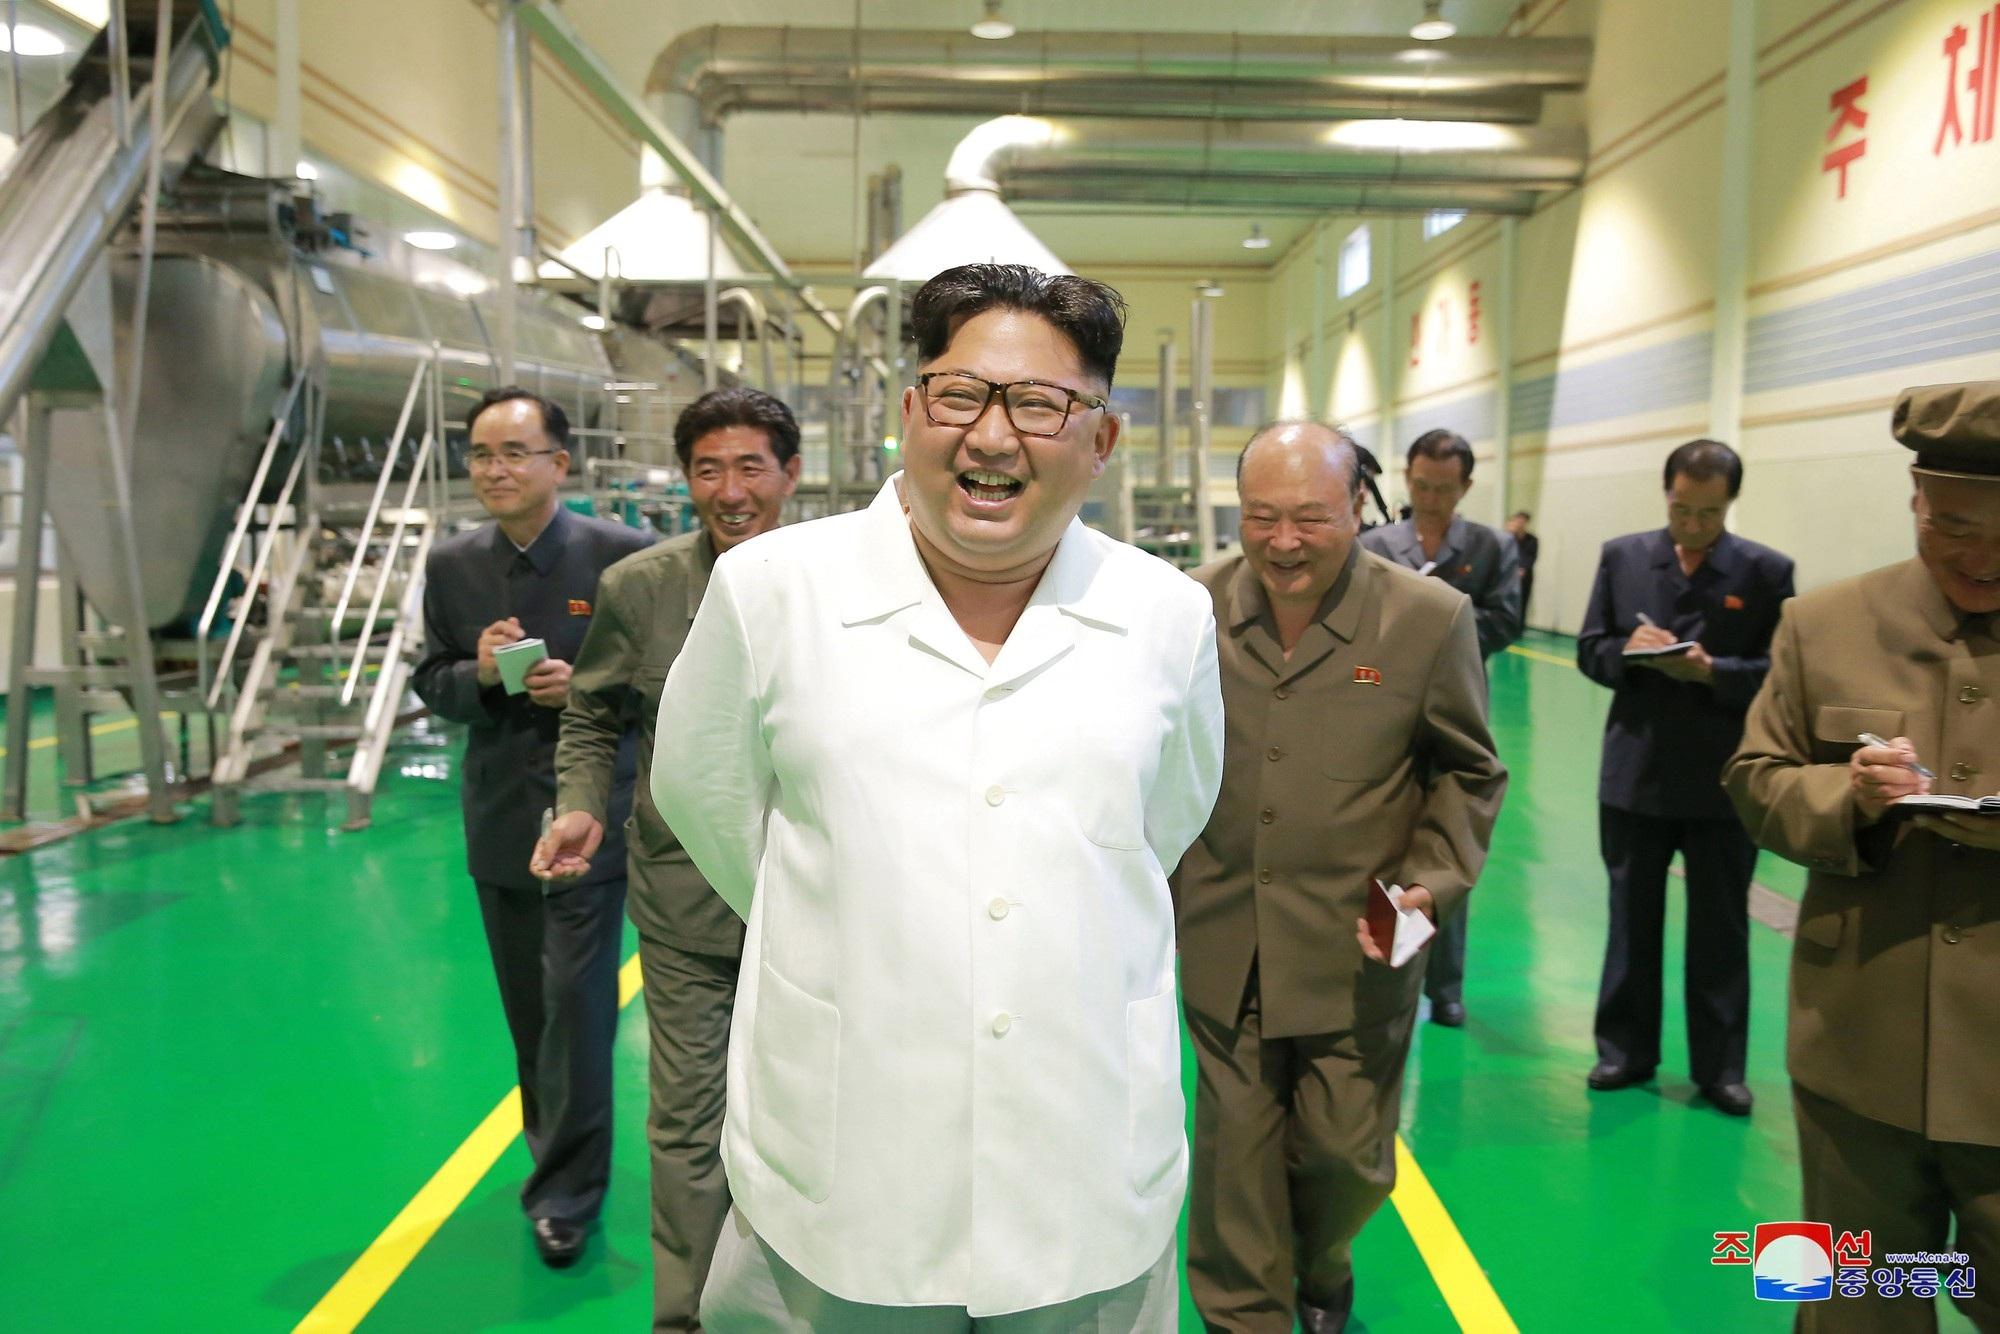 Ông Kim Jong-un thăm nhà máy sản xuất bột khoai tây tại Triều Tiên.